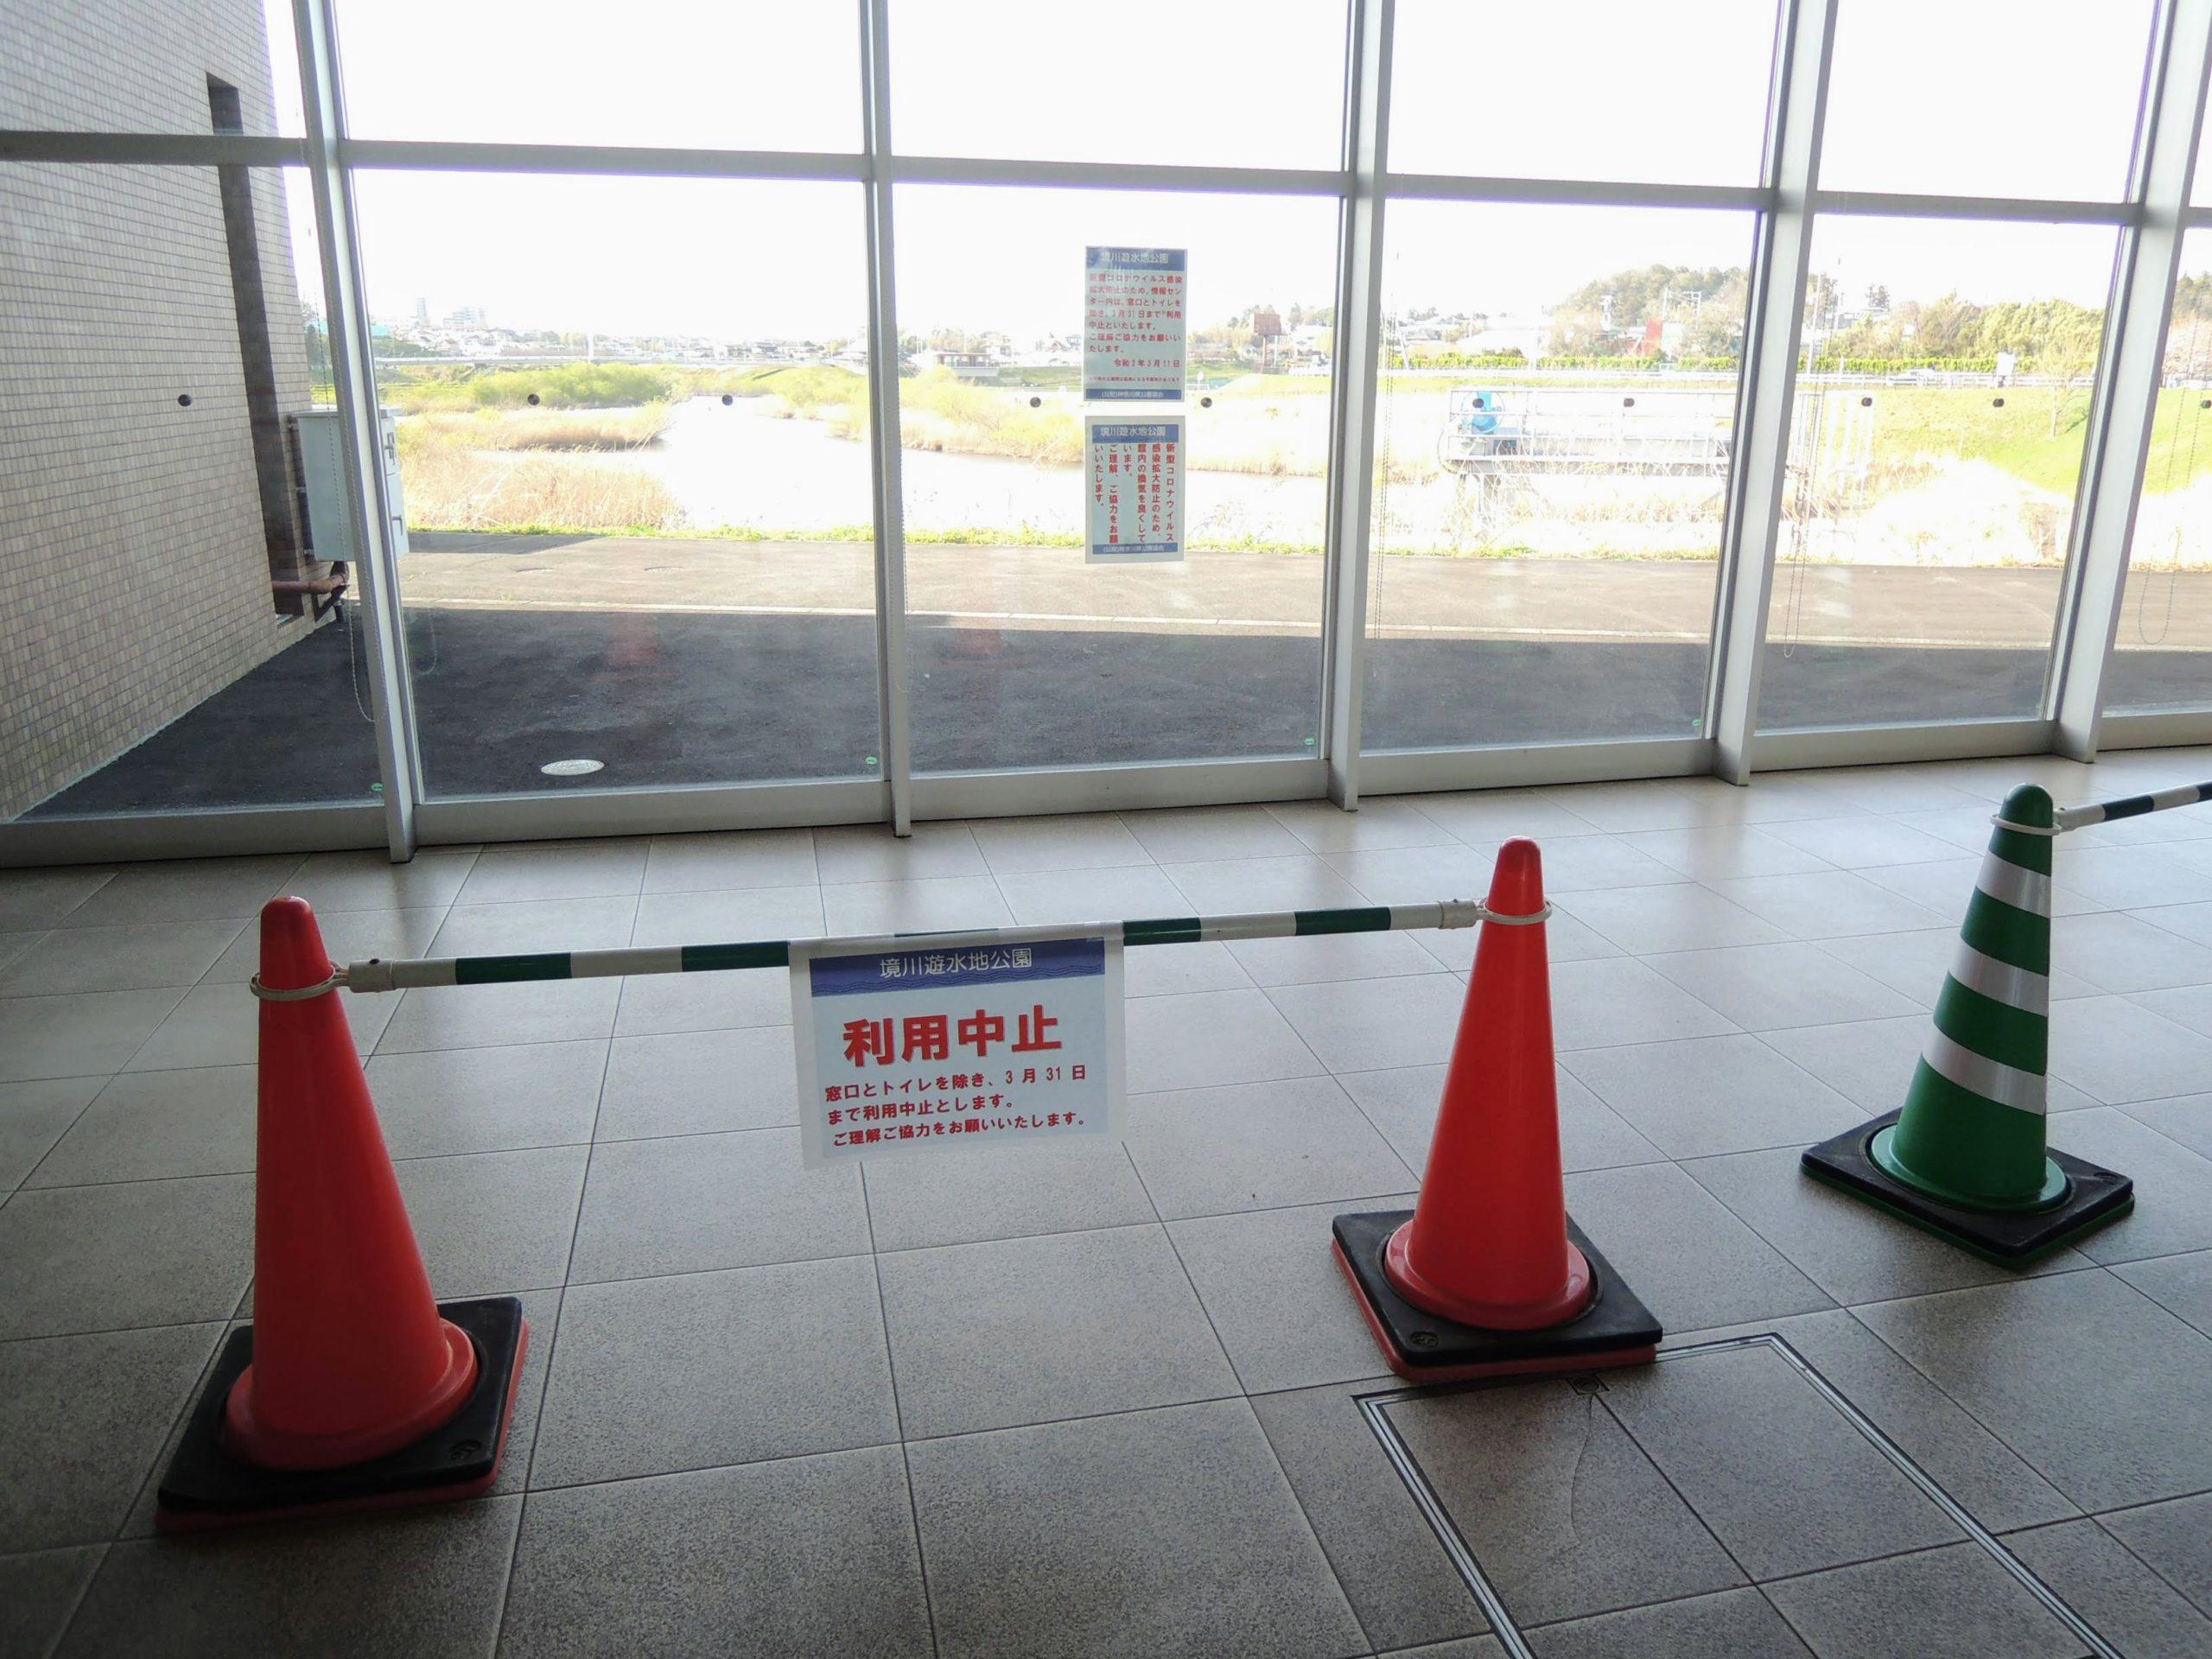 新型コロナウイルスの影響で撤去された飲食スペース